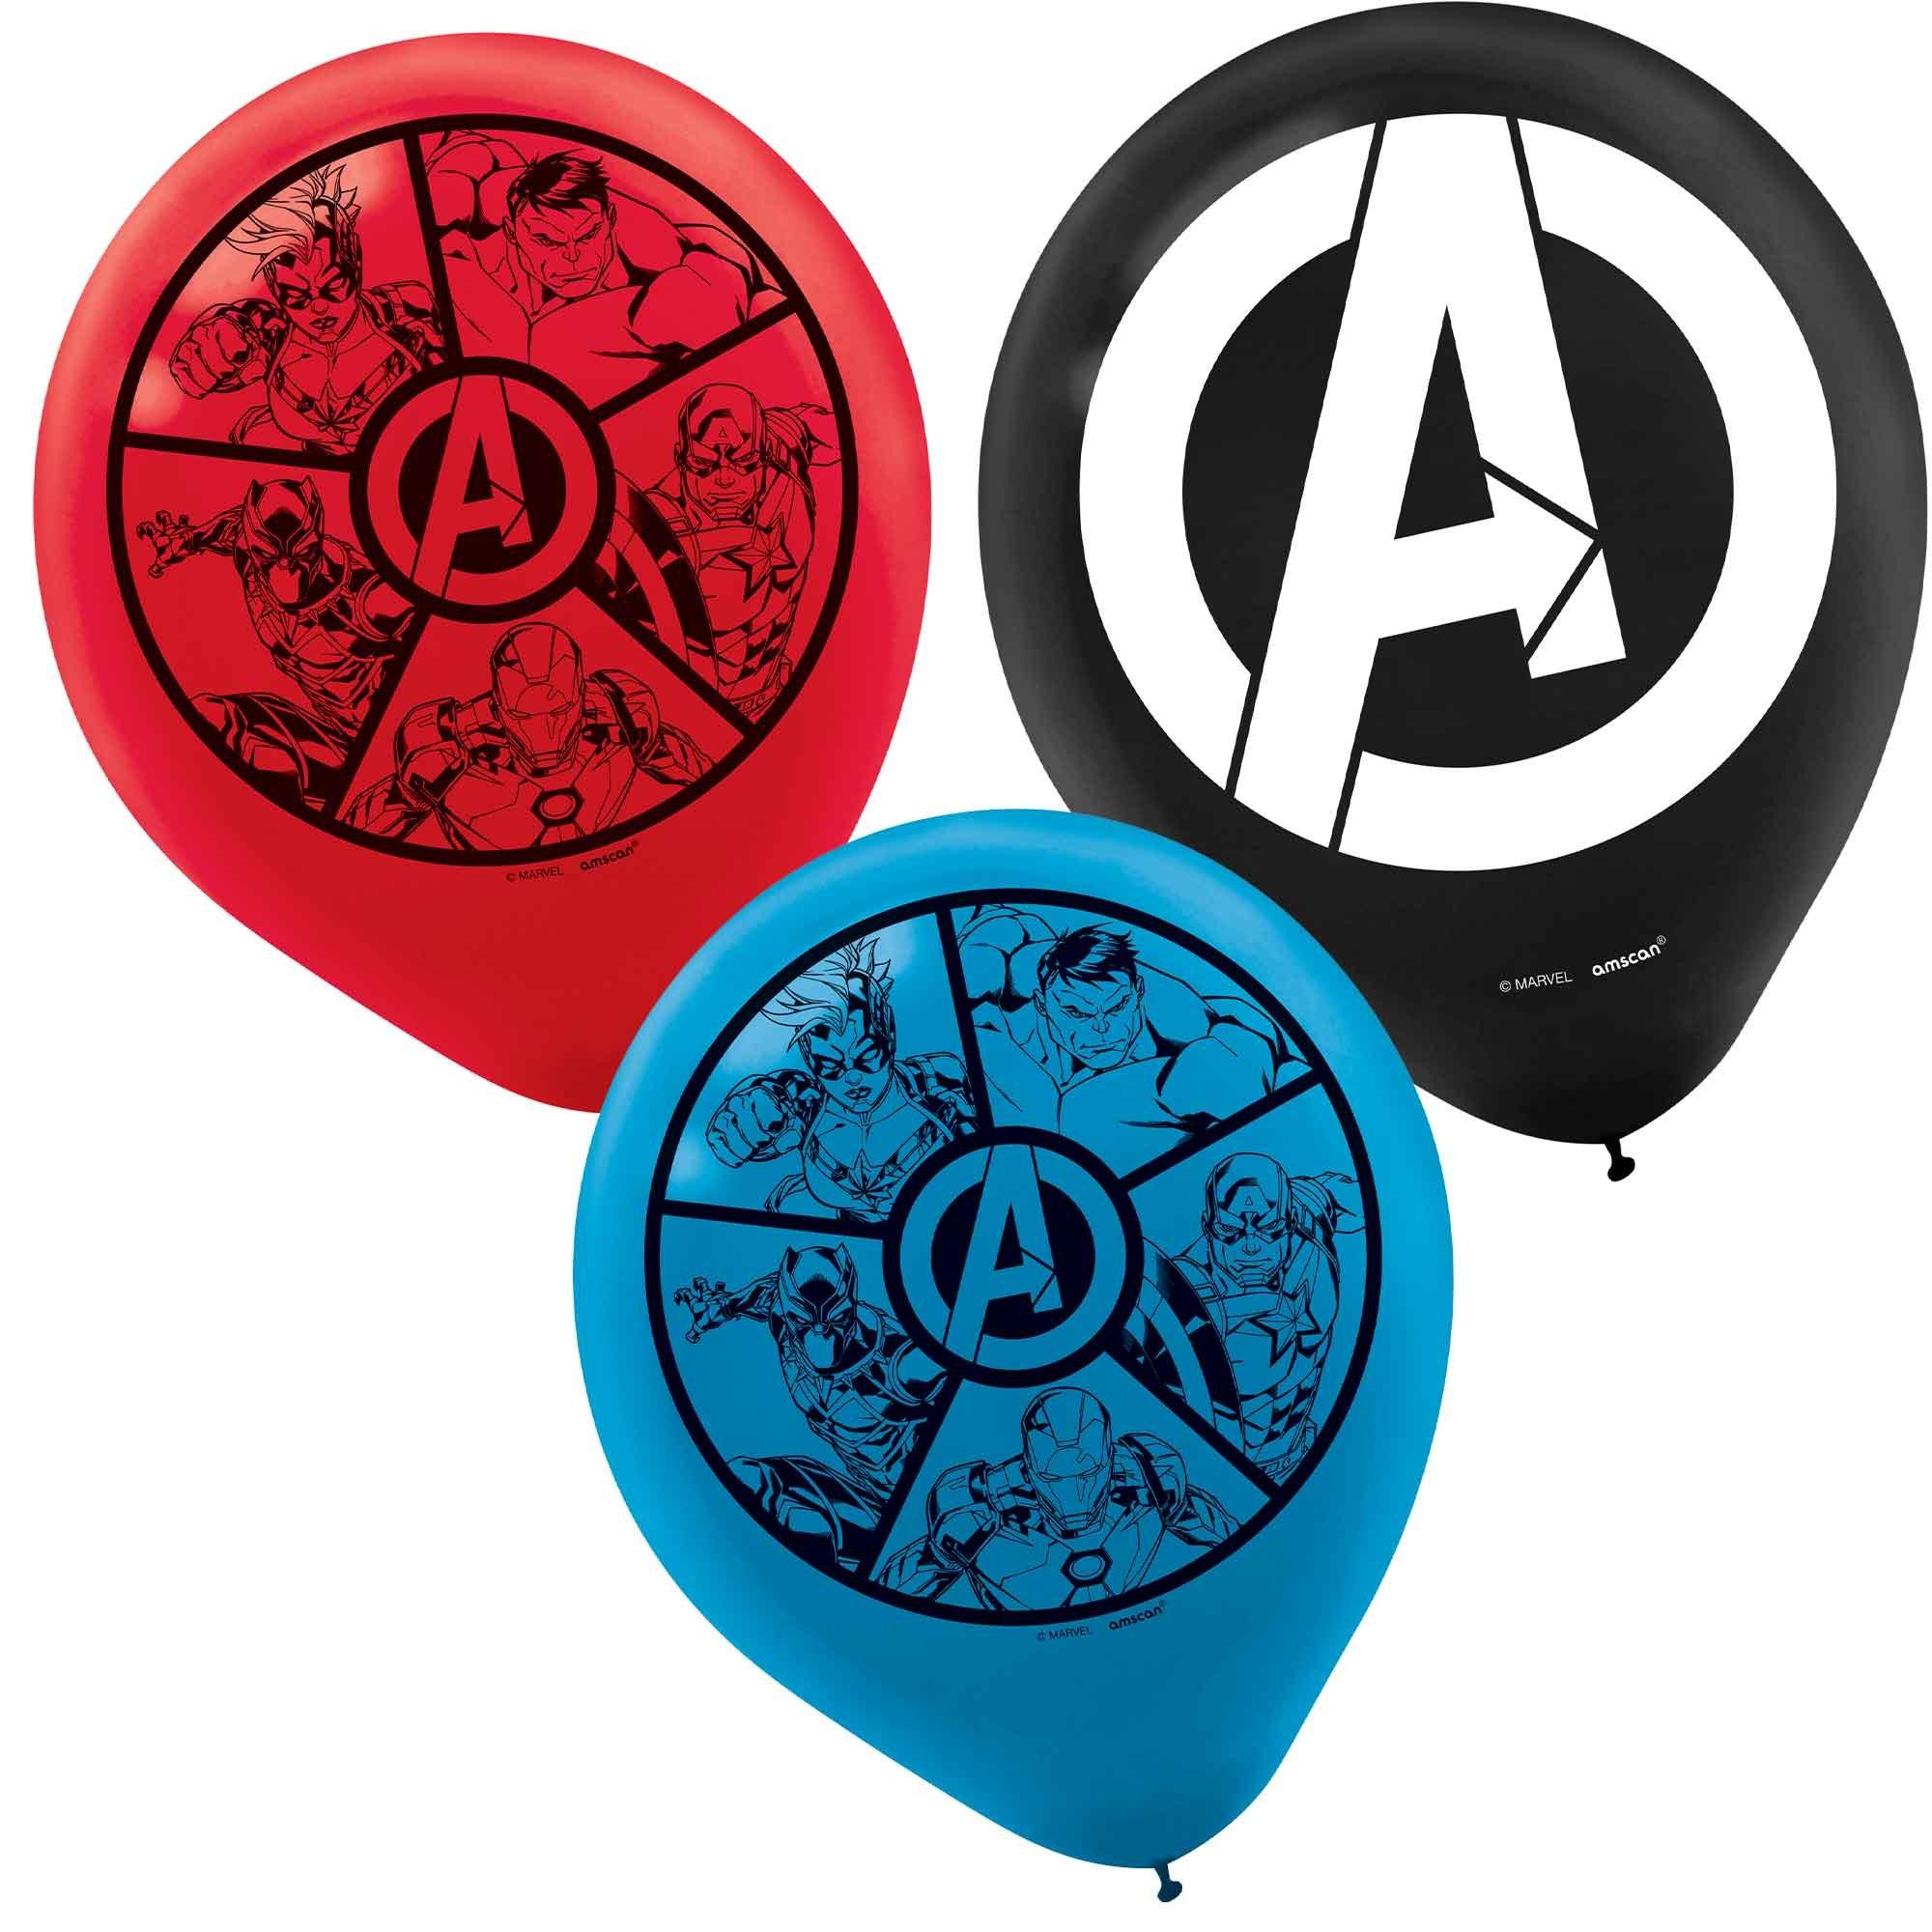 Marvel Avengers Powers Unite 30cm Latex Balloons